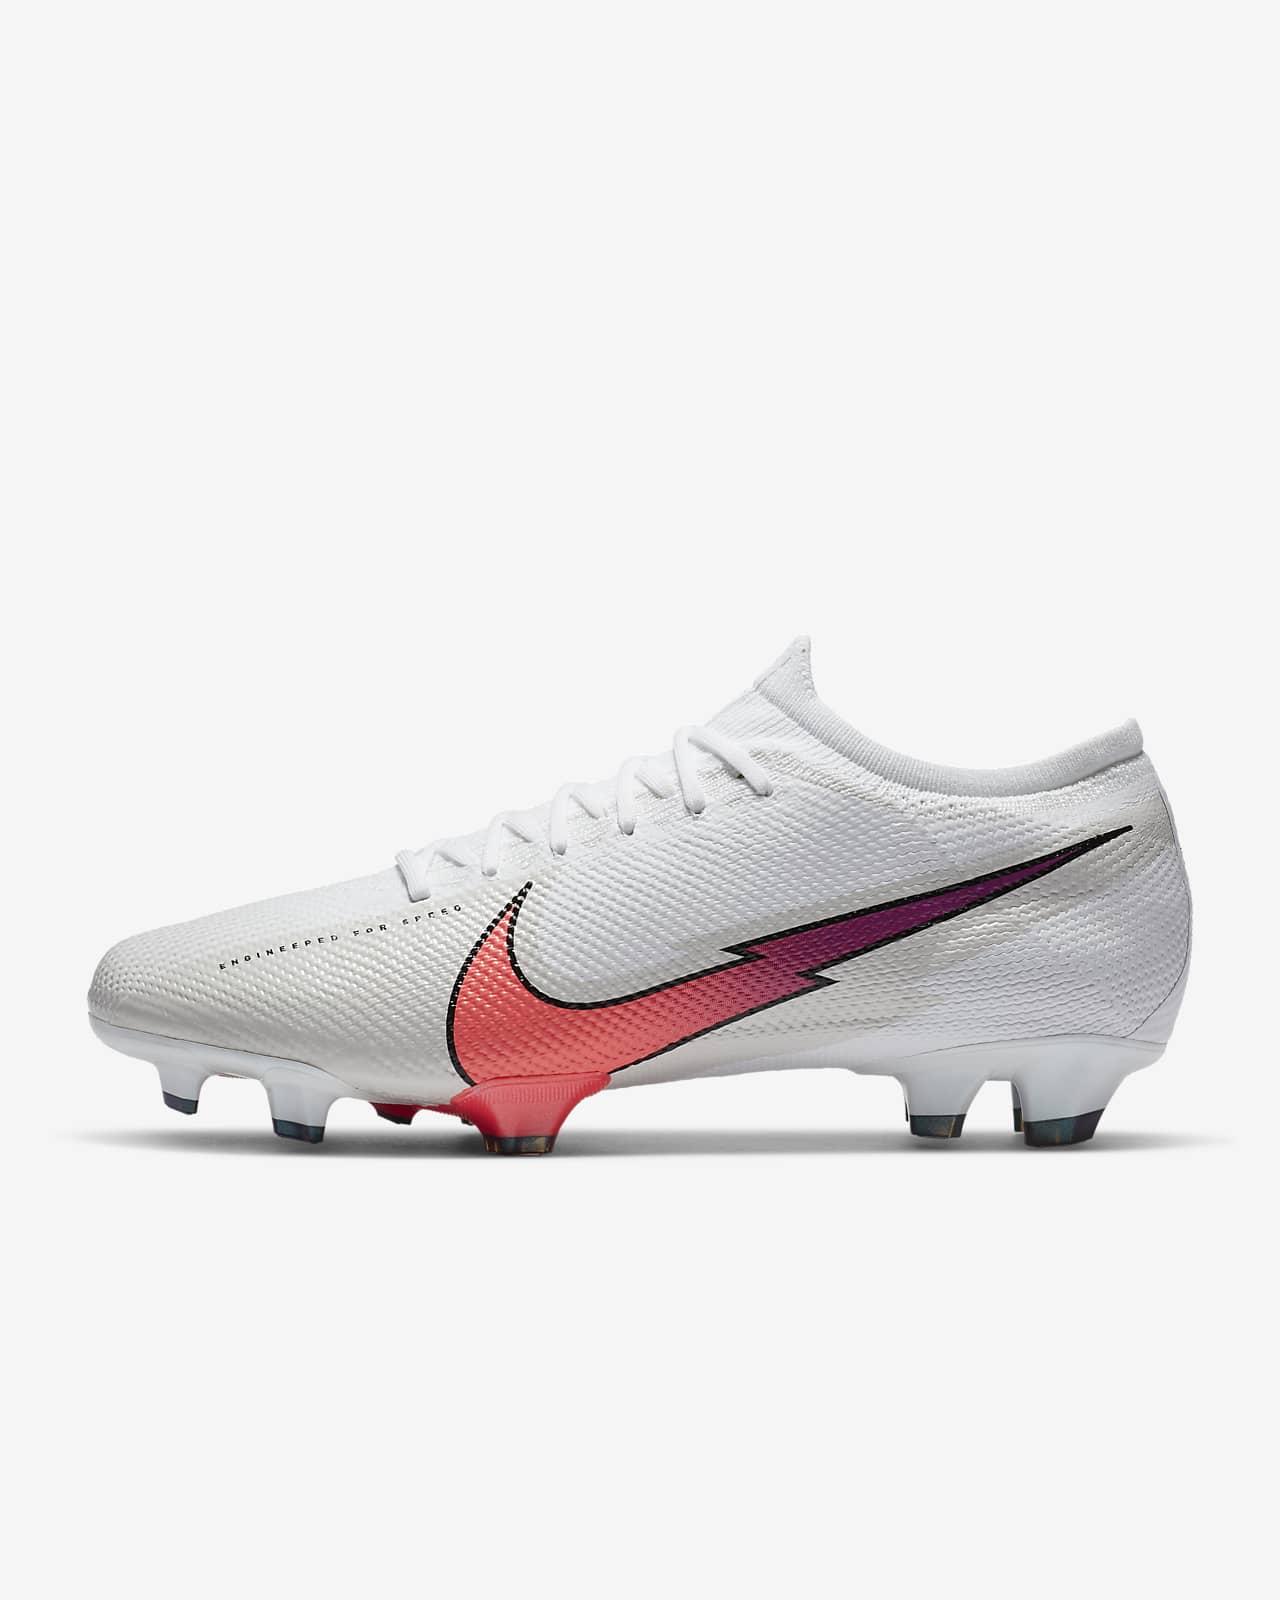 Ποδοσφαιρικό παπούτσι για σκληρές επιφάνειες Nike Mercurial Vapor 13 Pro FG